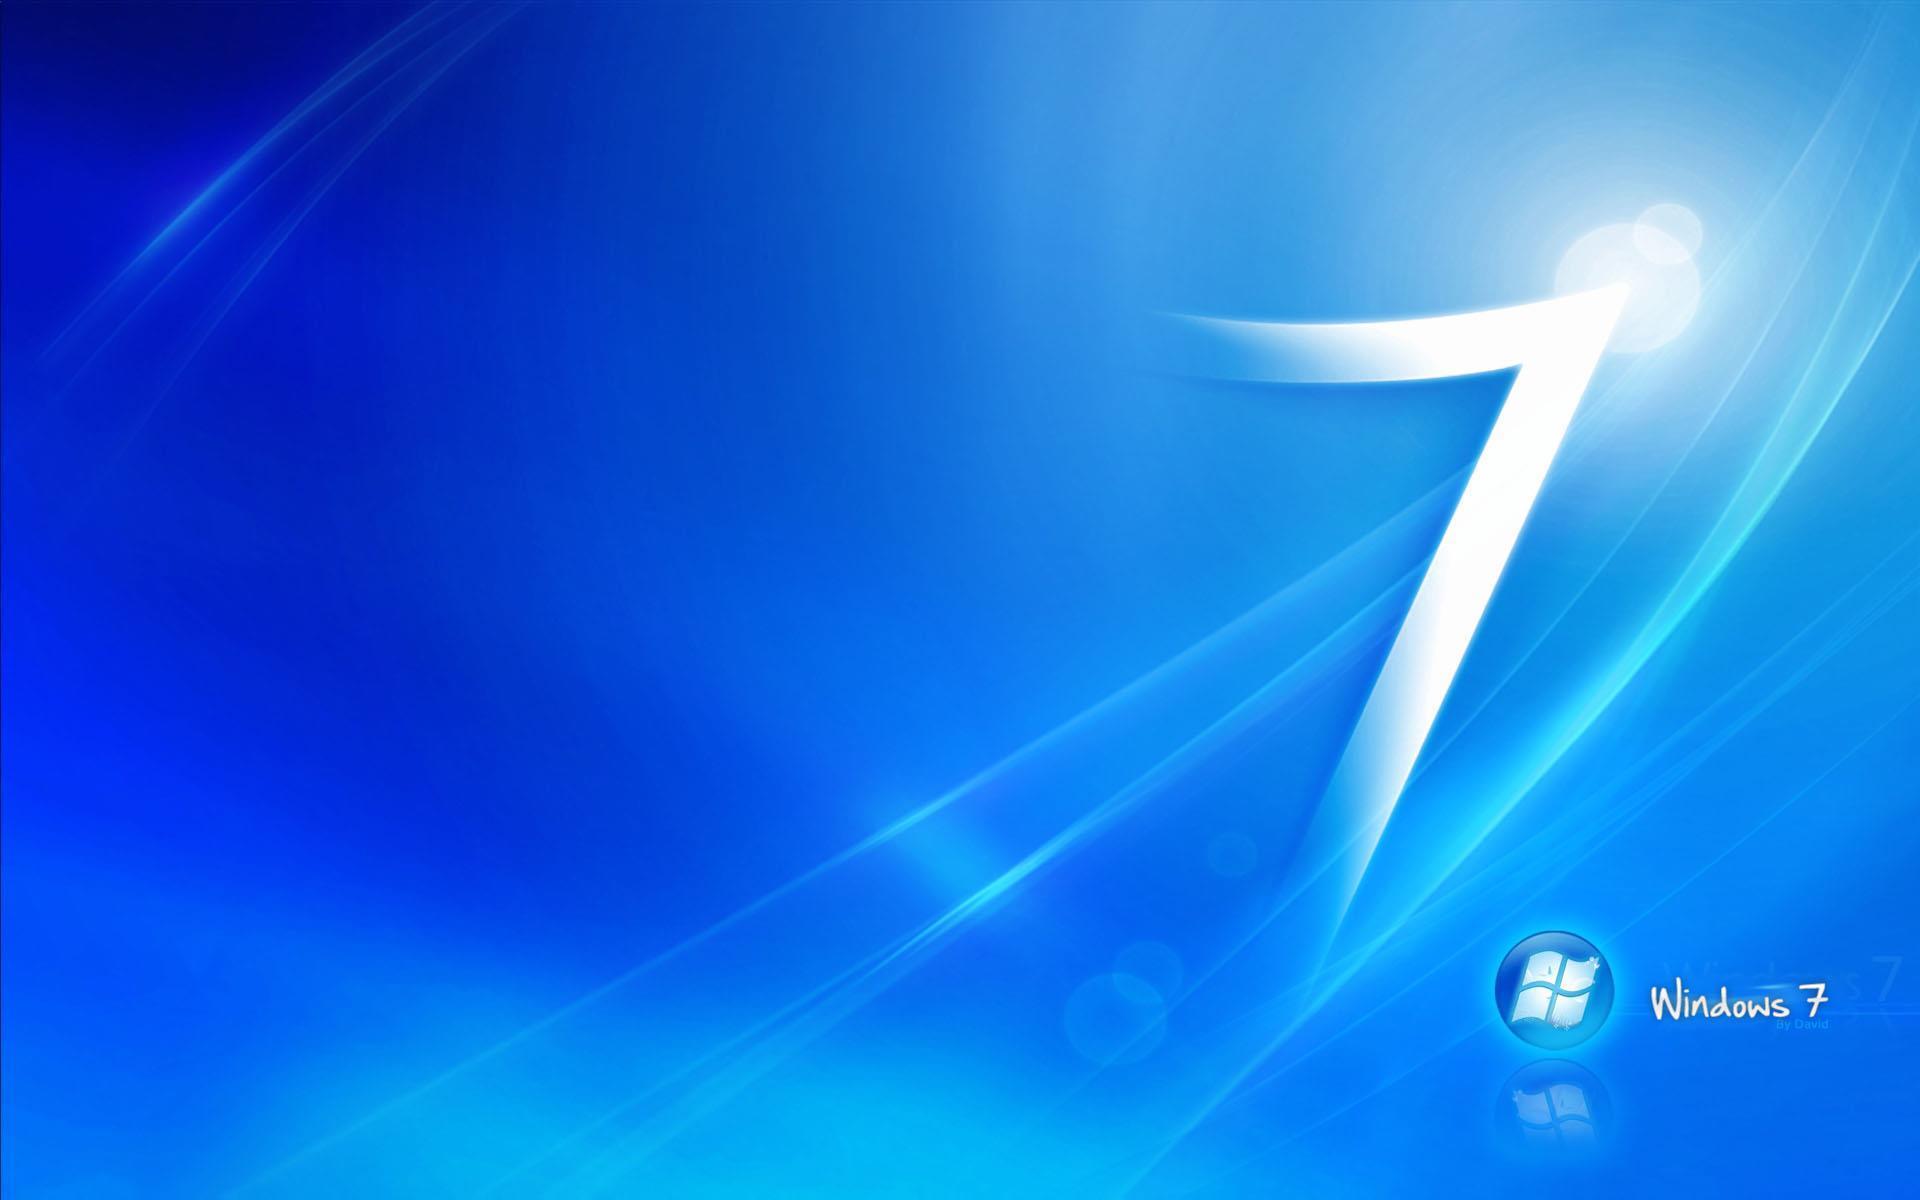 windows-7-fonds-HD-bureau-seven_08